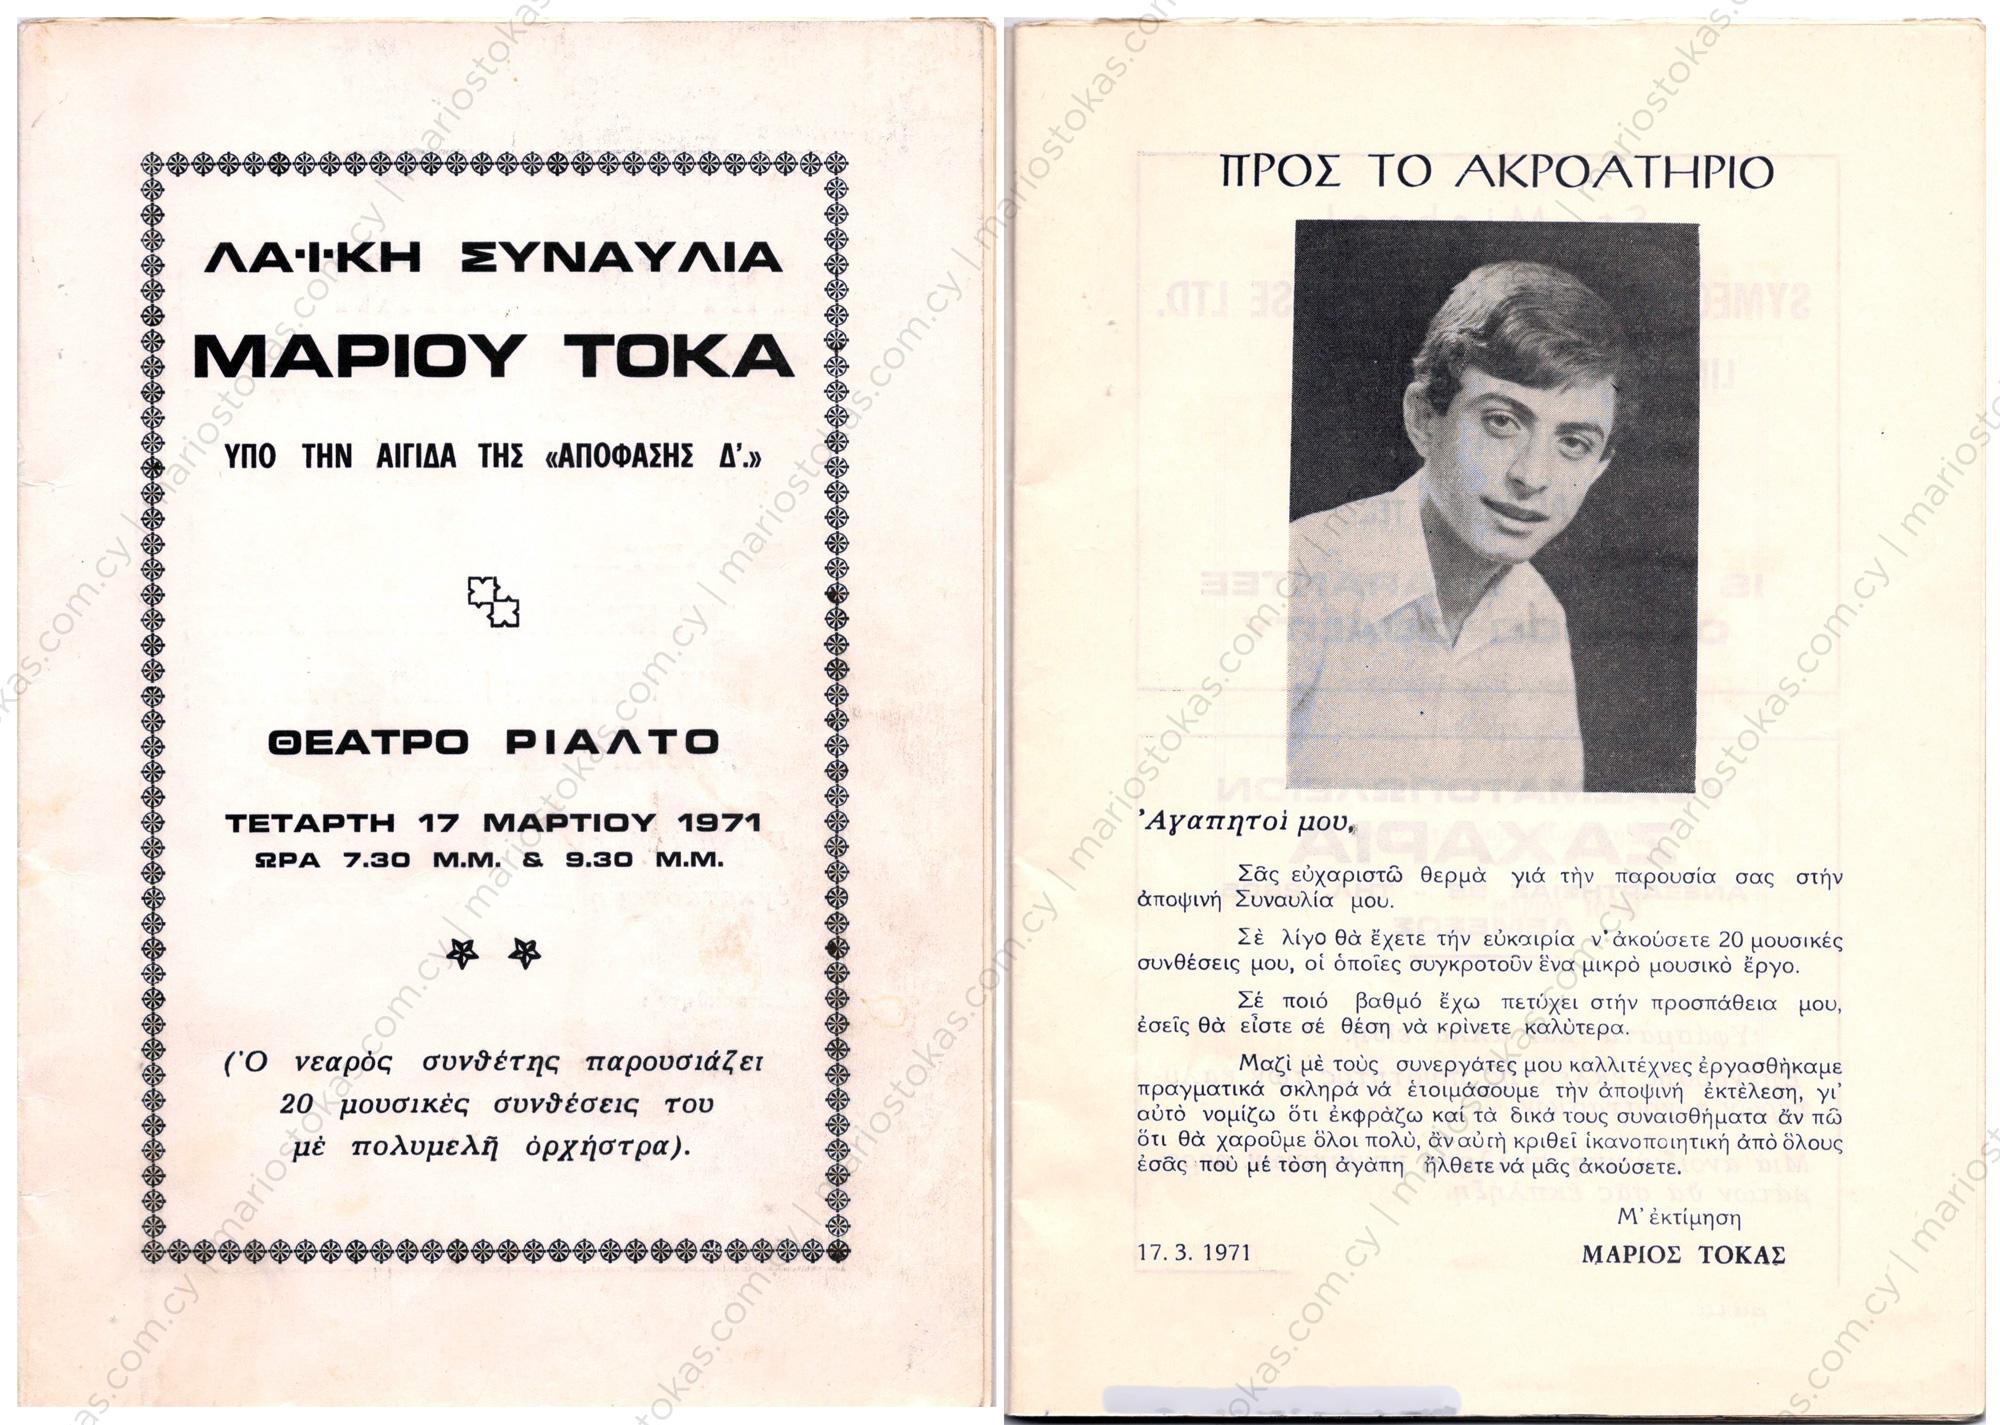 tokas-rialto-1971